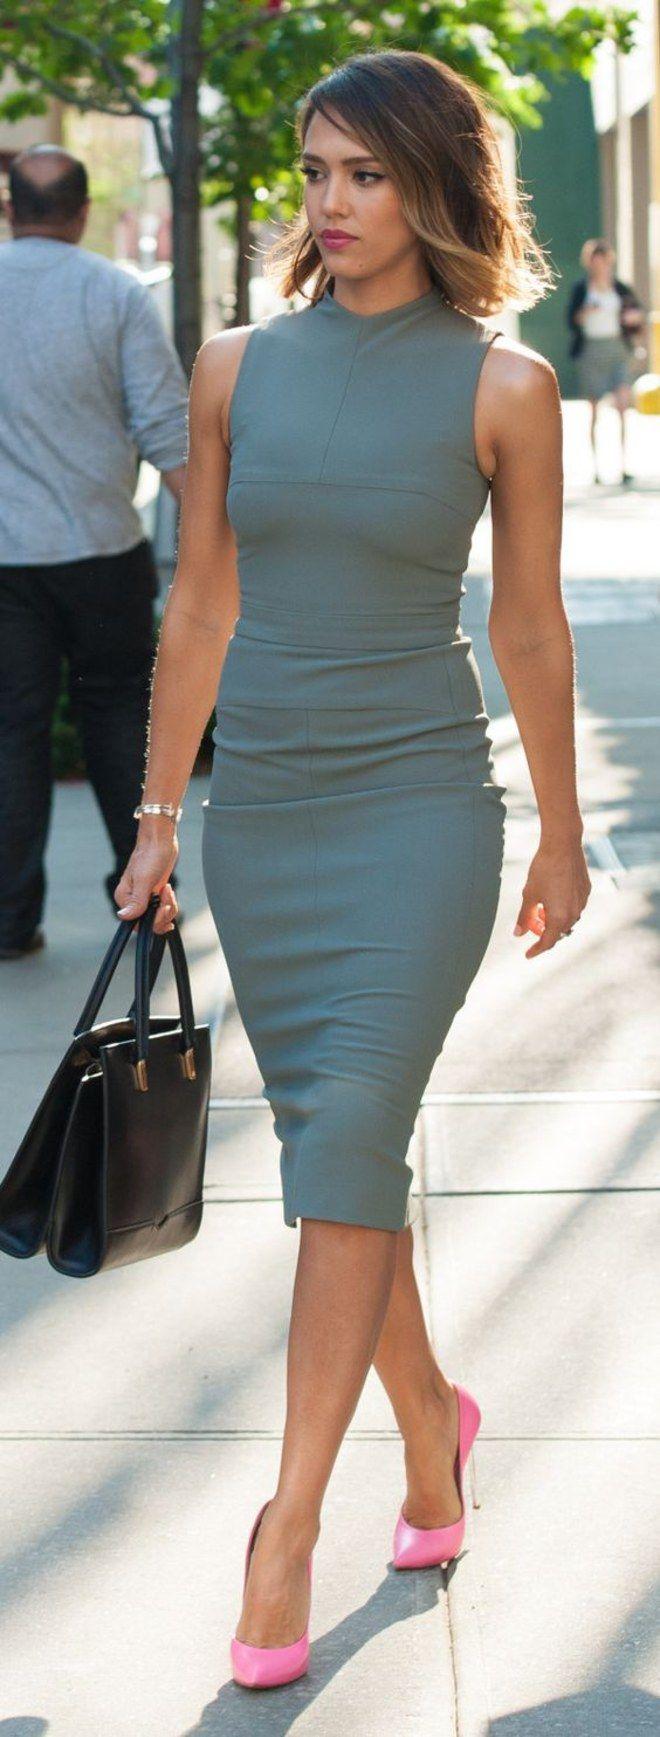 Precisa de inspiração para se vestir pro trabalho? Essas famosas podem ajudar